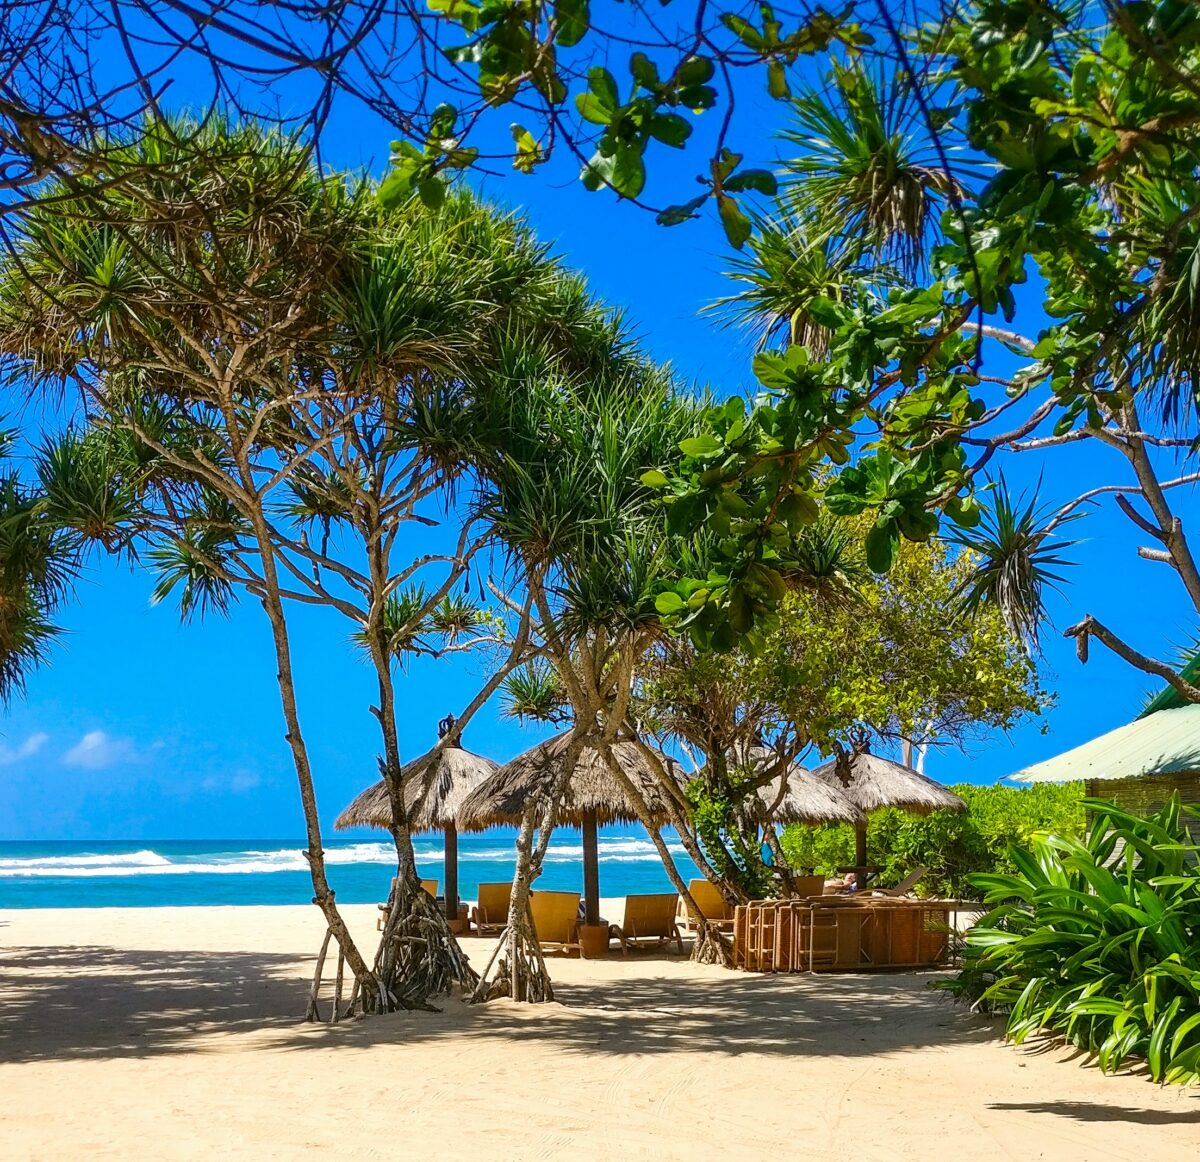 Un ciel bleu à Bali